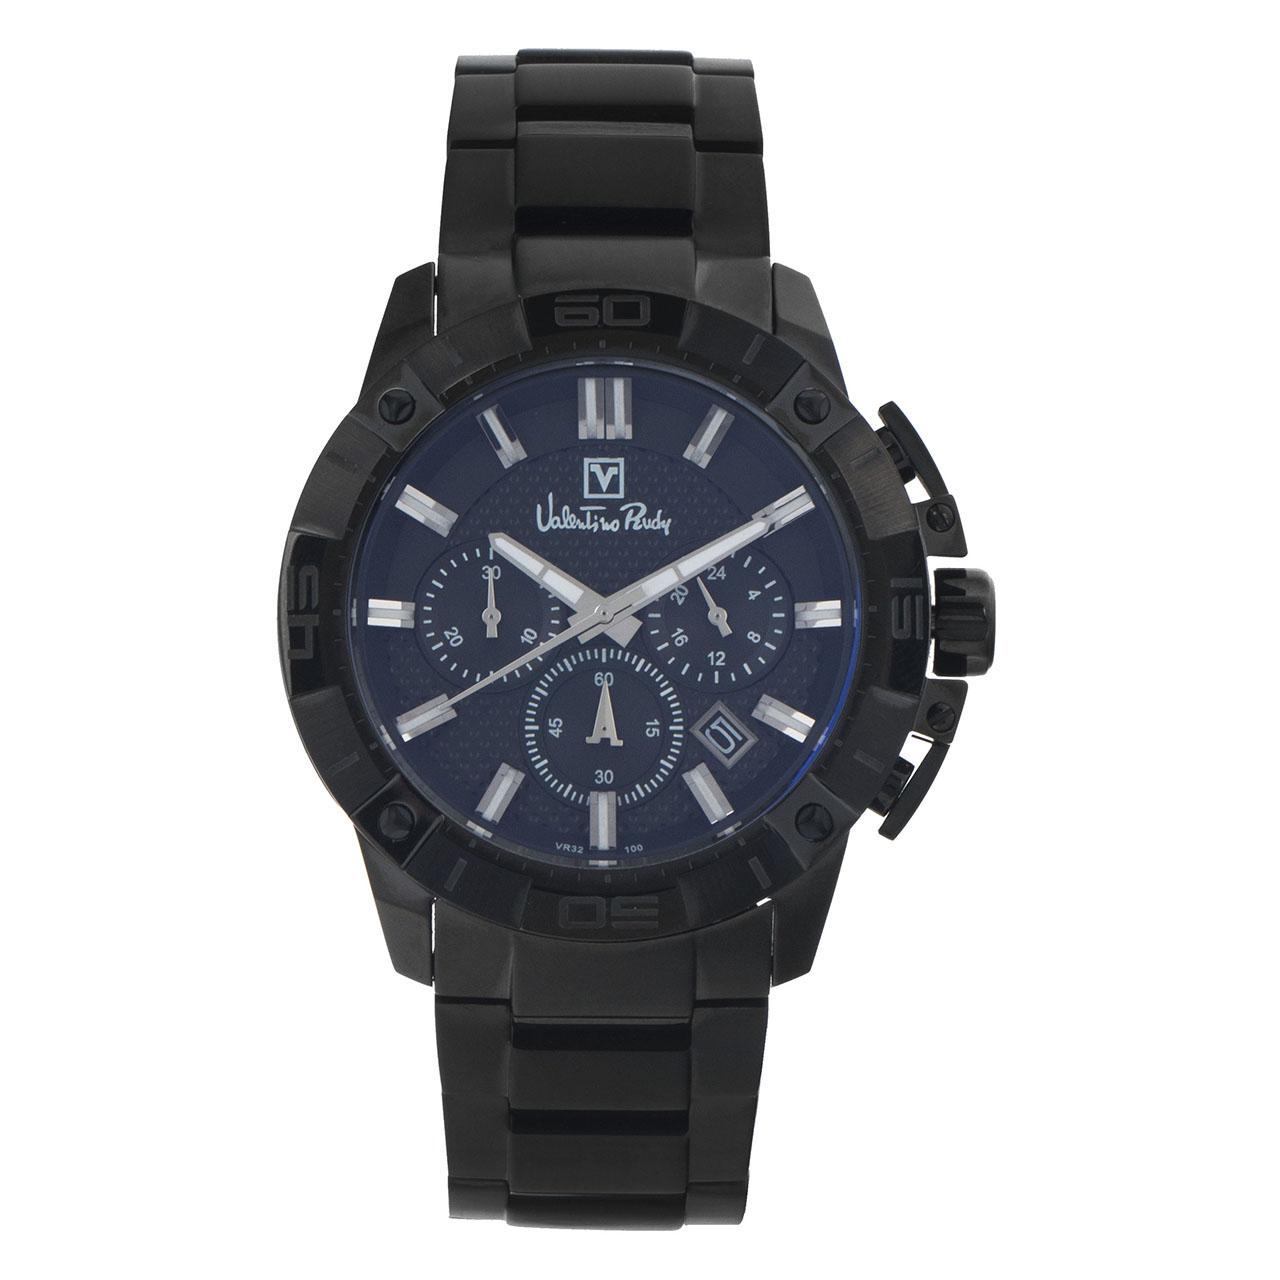 ساعت مچی عقربه ای مردانه والنتینو رودی مدل VR100-1732S